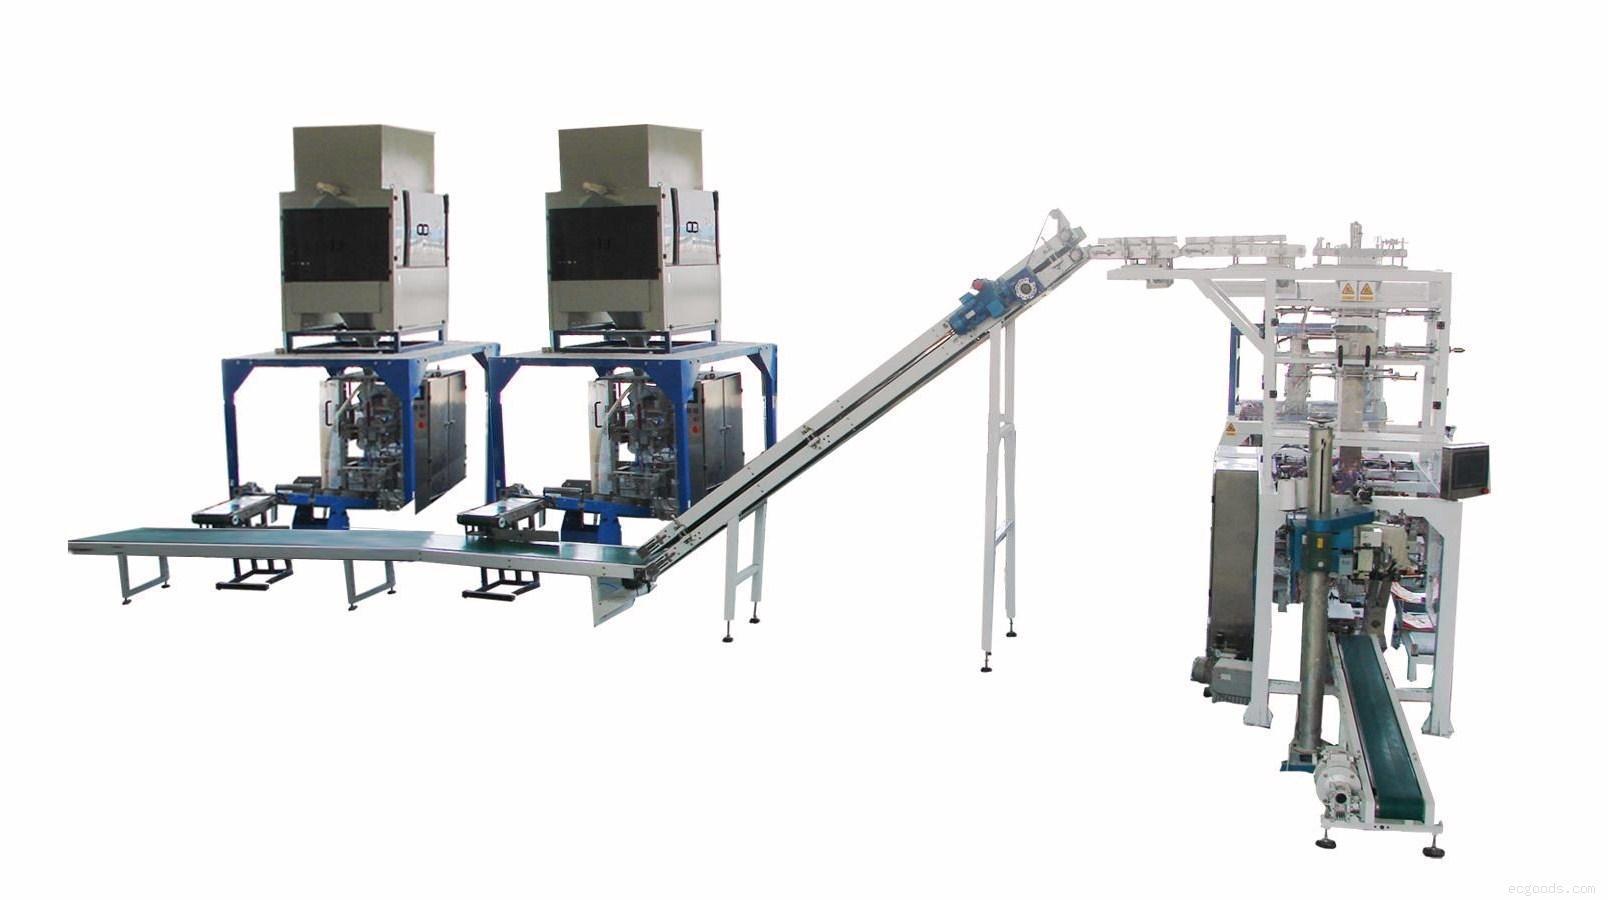 二次包裝機/小袋自動裝大袋包裝機/自動給袋式二次包裝機/全自動包裝機/多功能包裝機/自動化包裝設備